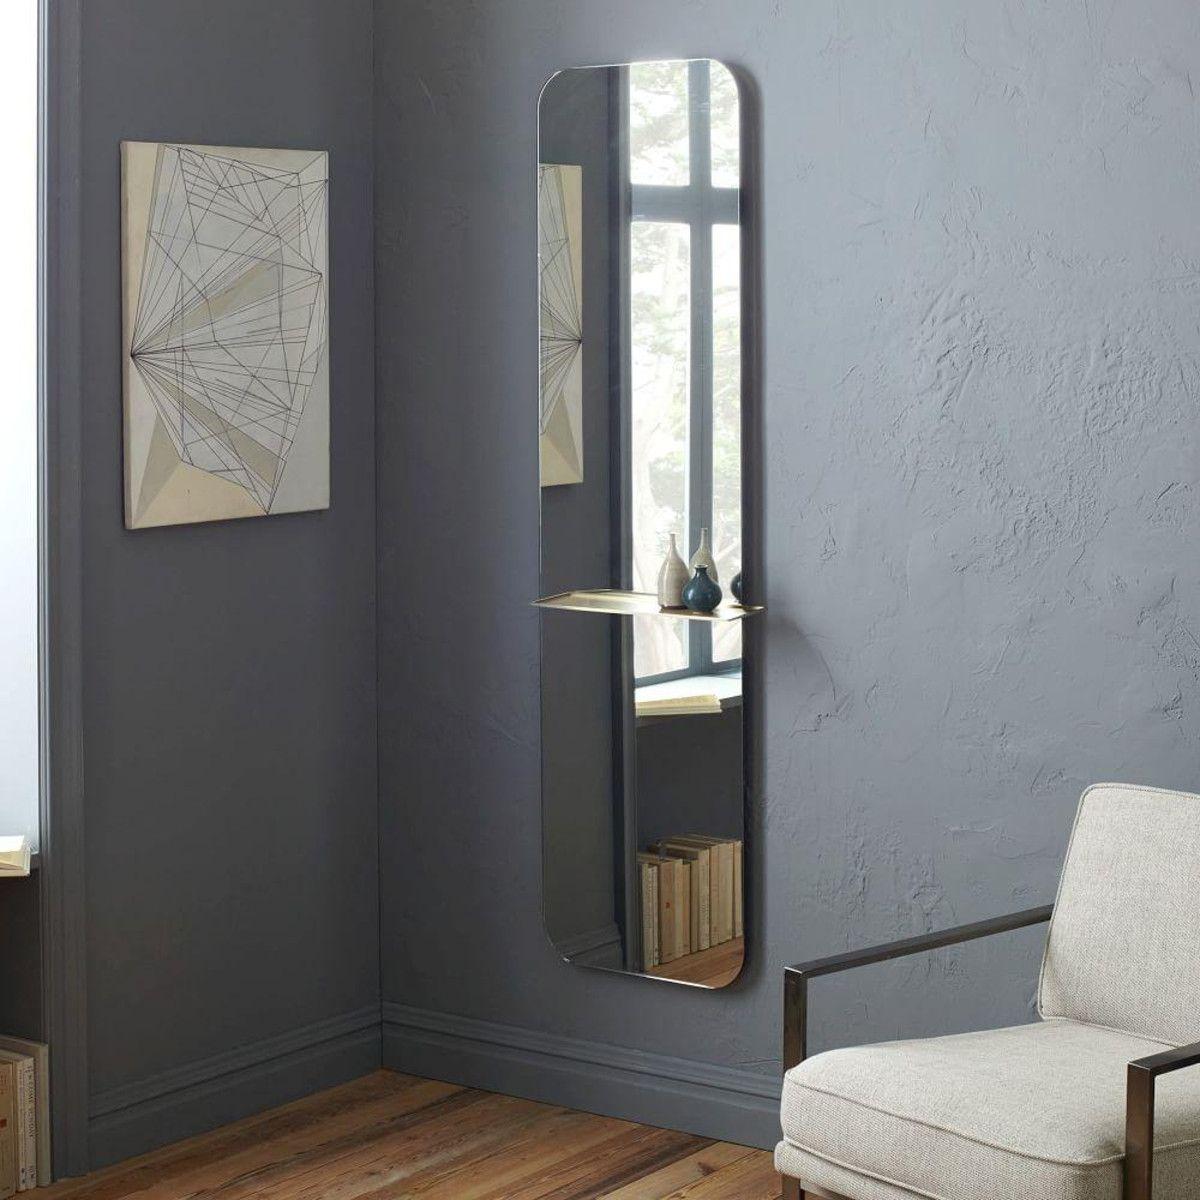 Floating Shelf Floor Mirror | home decor | Pinterest | Floor mirror ...